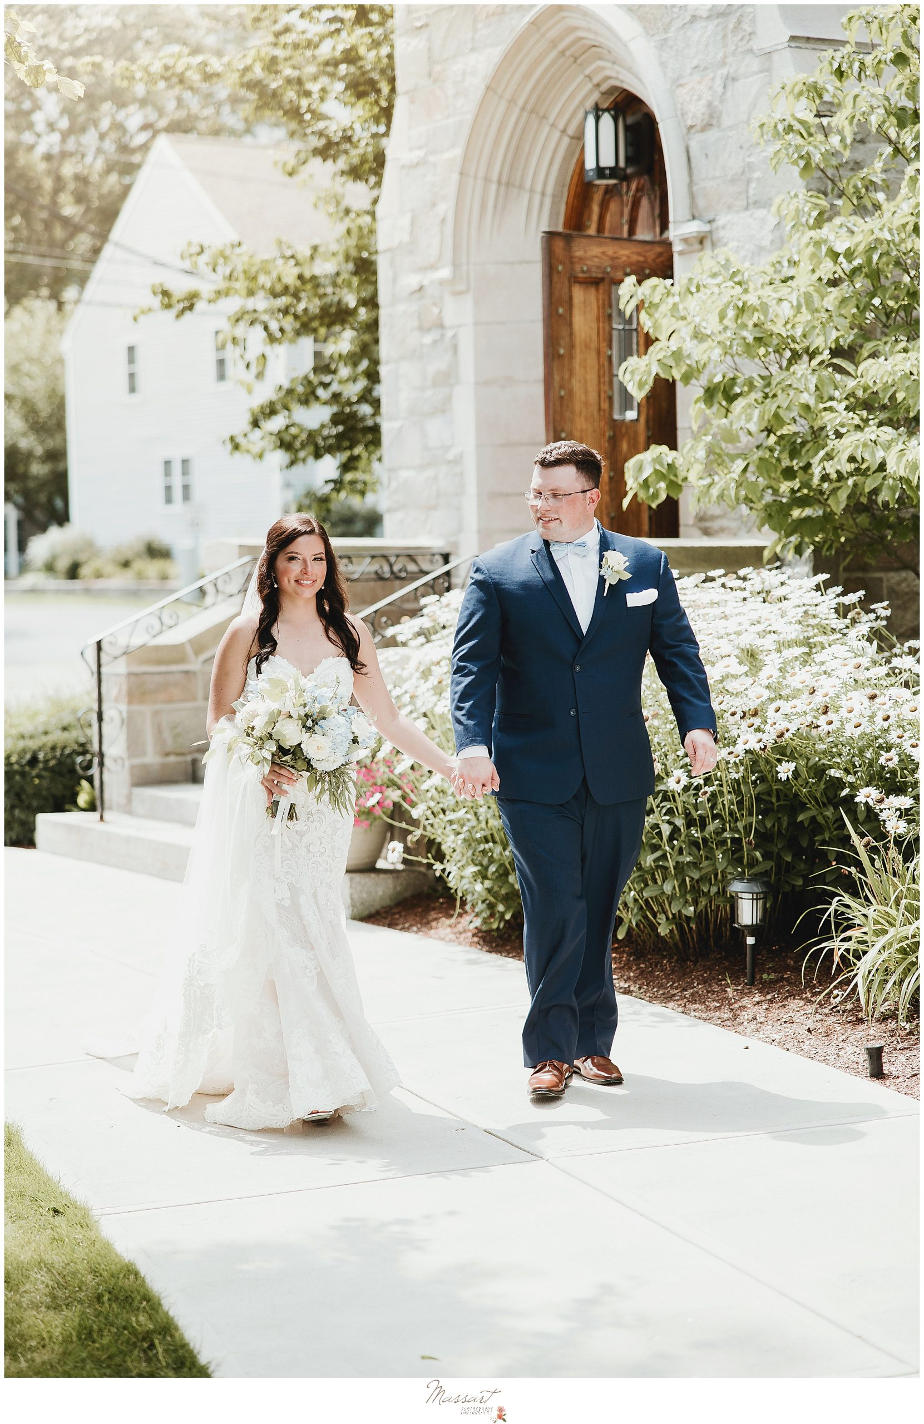 Massart Photographers take photo of couple after RI wedding ceremony